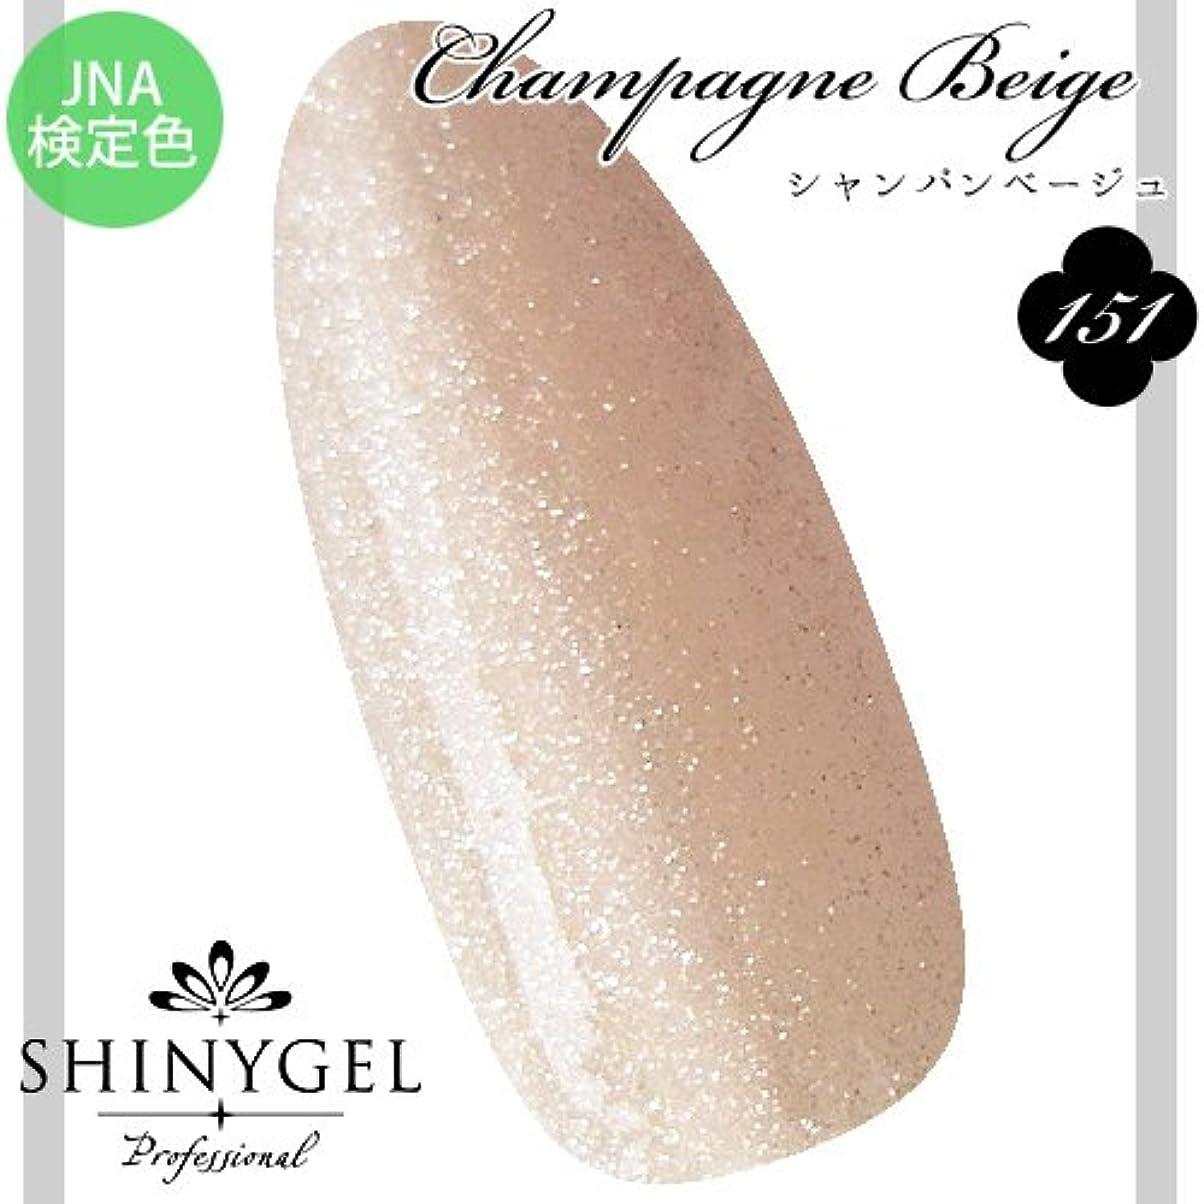 卵天井キラウエア山SHINY GEL カラージェル 151 4g シャンパンベージュ UV/LED対応